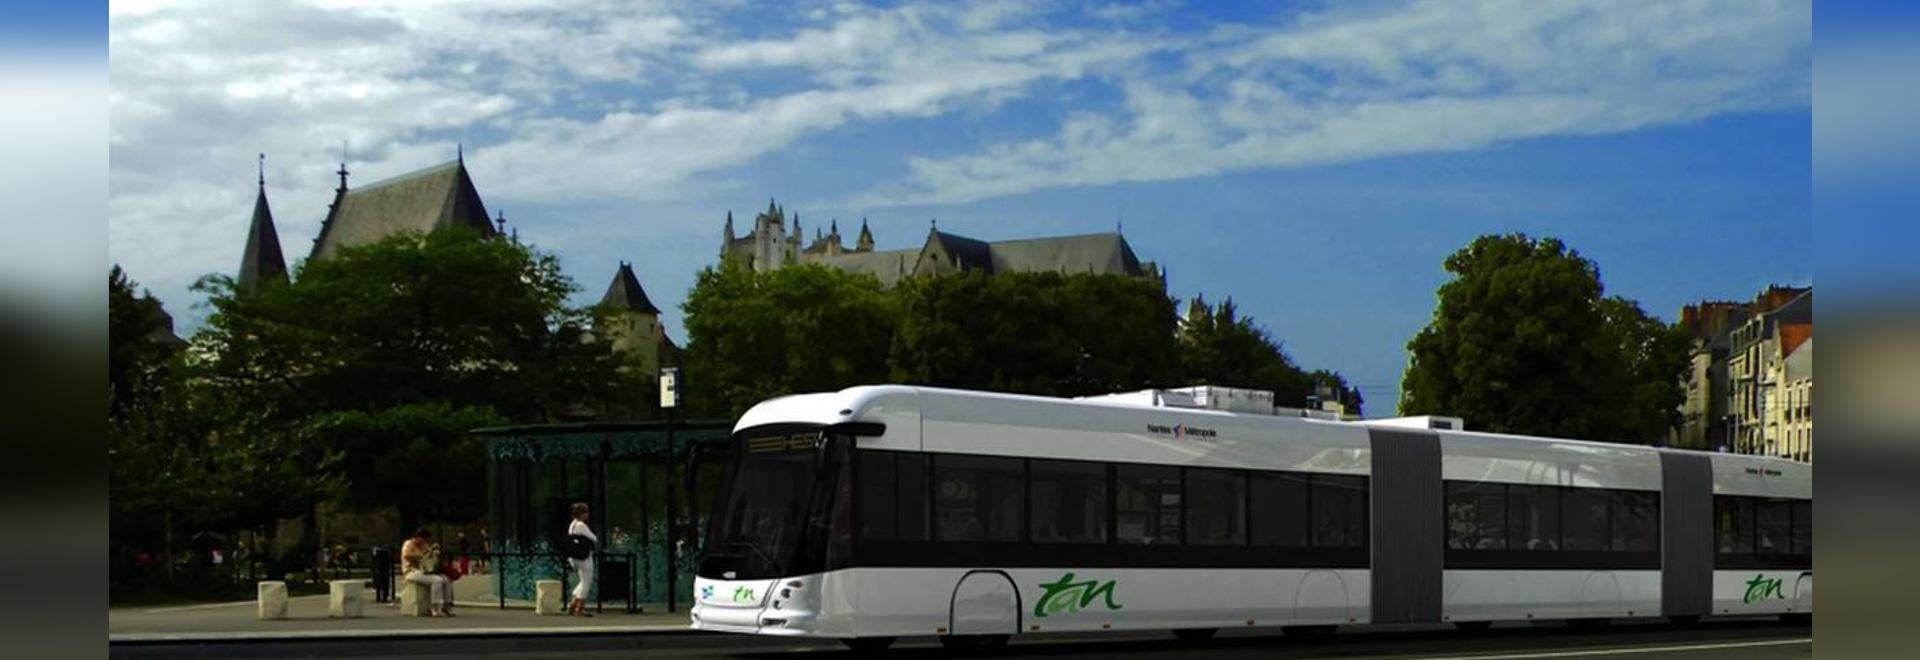 Eurodifroid sur le projet Busway 100% électrique à Nantes